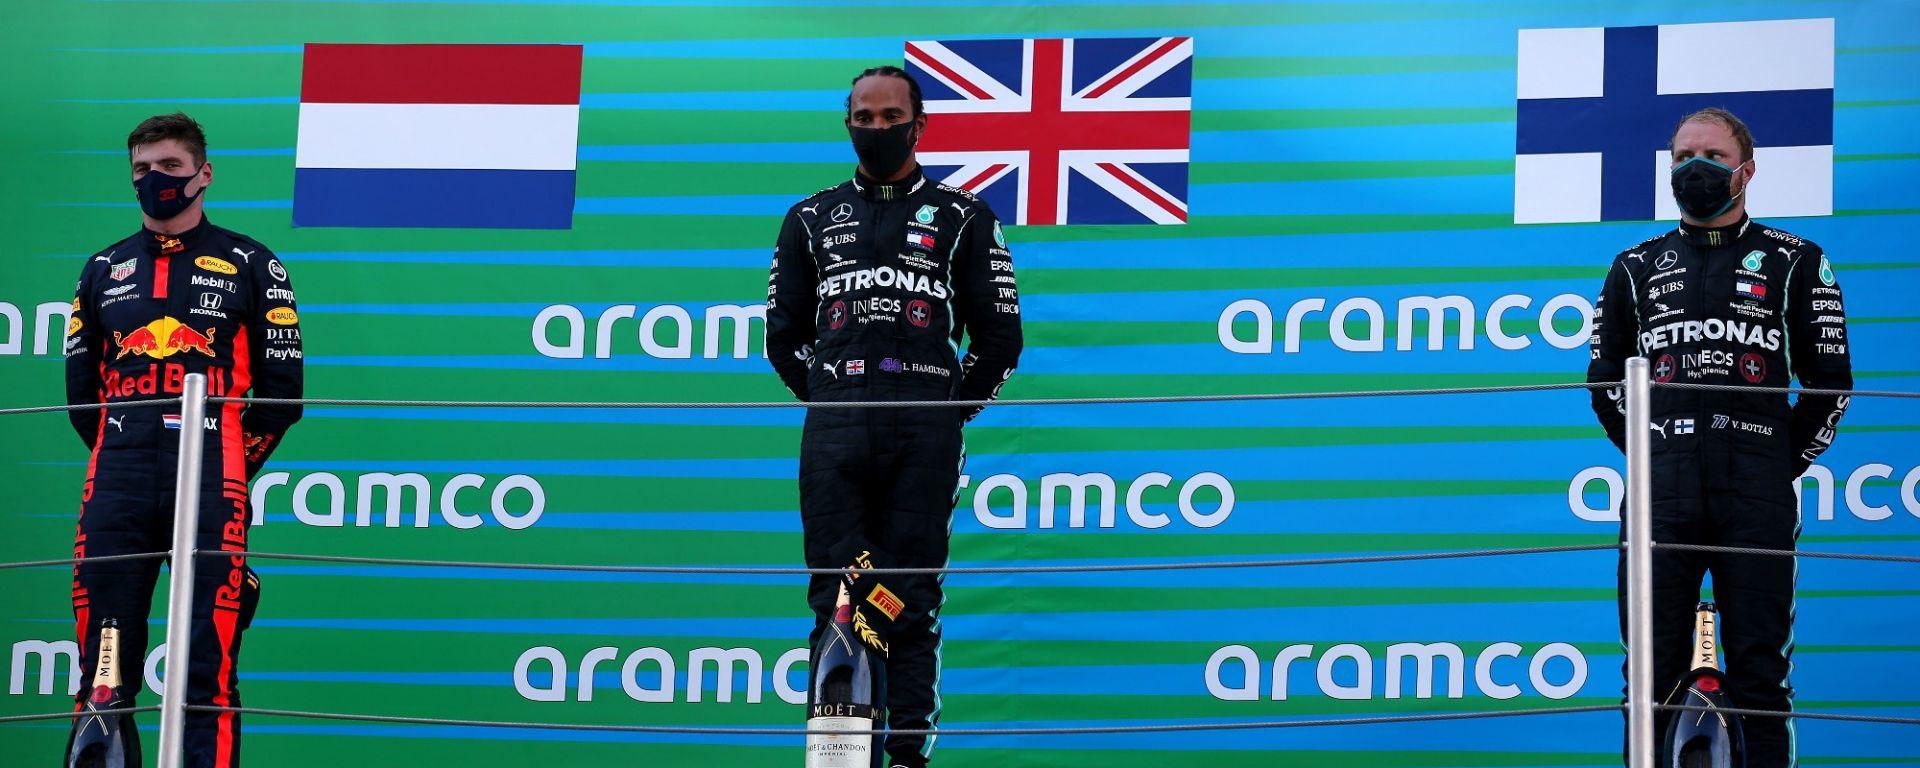 GP Spagna 2020, Barcellona: Hamilton, Bottas (Mercedes) e Verstappen (Red Bull) sul podio